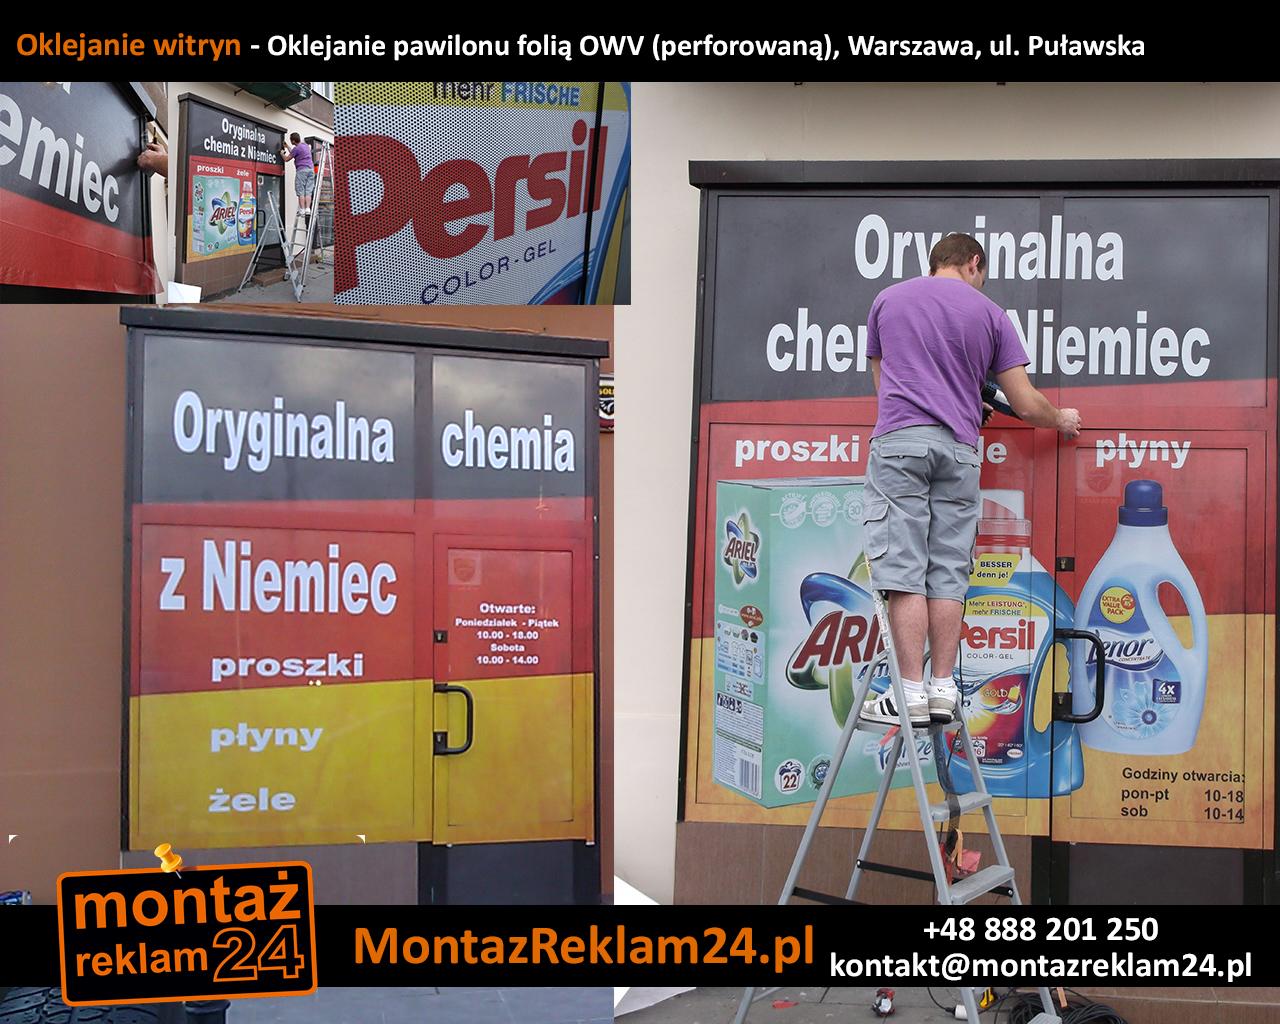 Oklejanie witryn - Oklejanie pawilonu folią OWV (perforowaną), Warszawa, ul — kopia.jpg